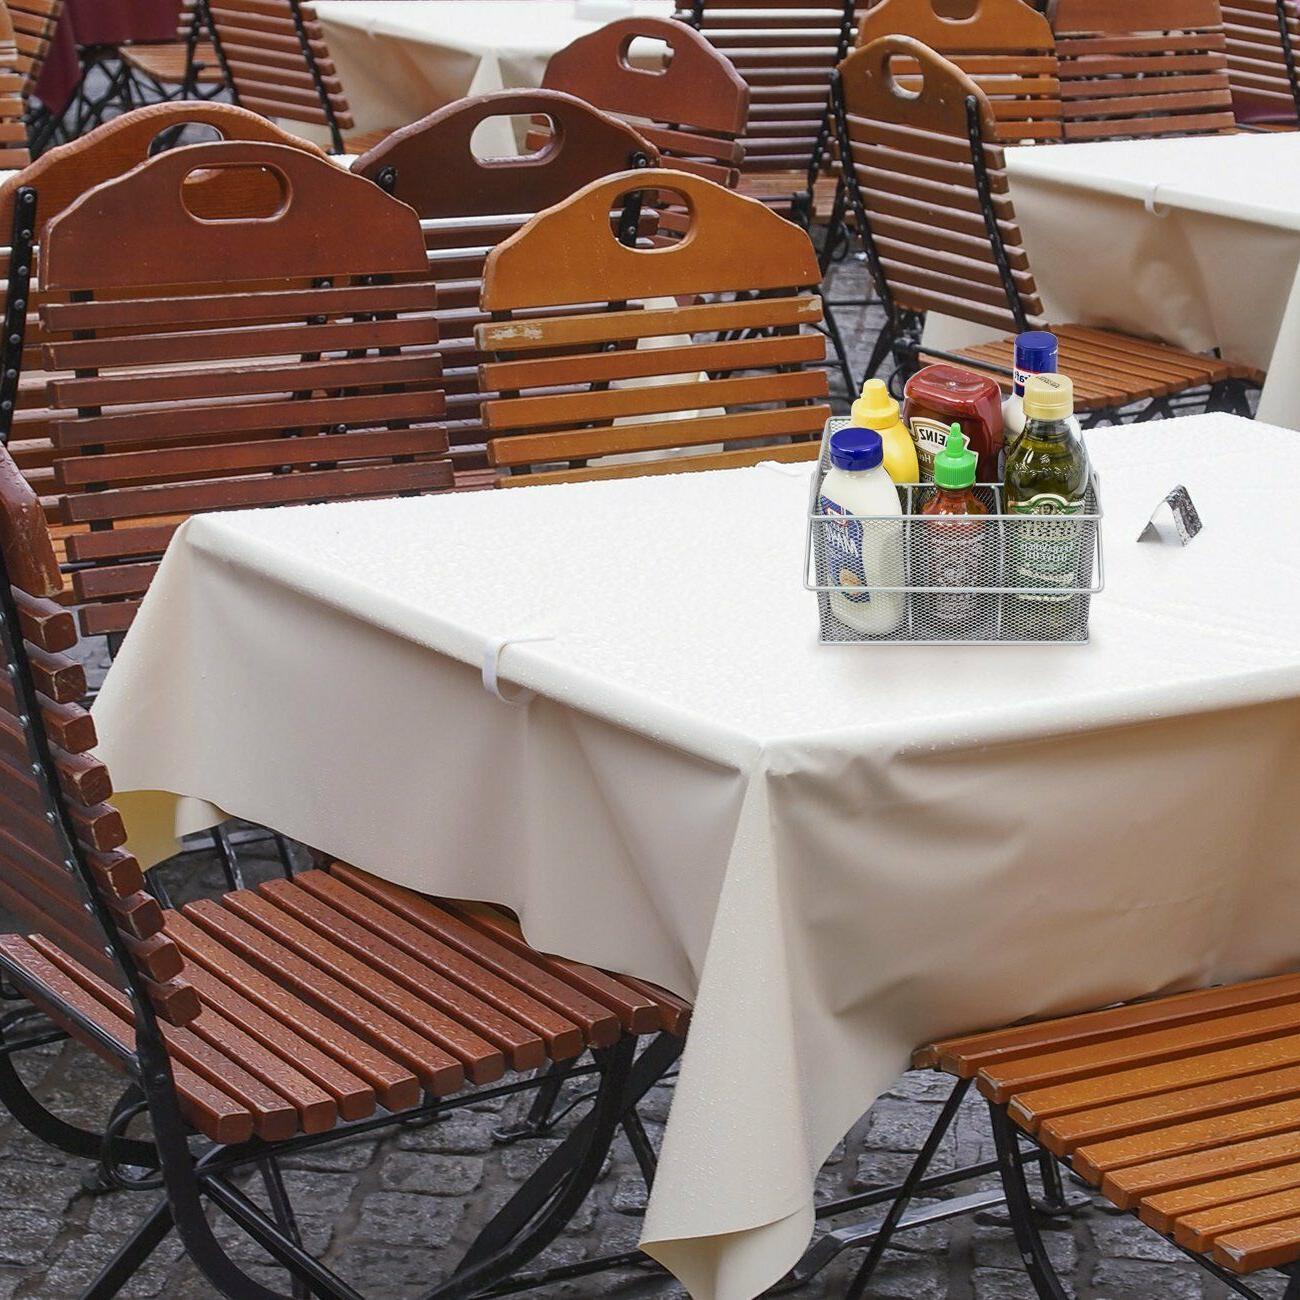 Sorbus Caddy — Silverware, Napkin Condiment